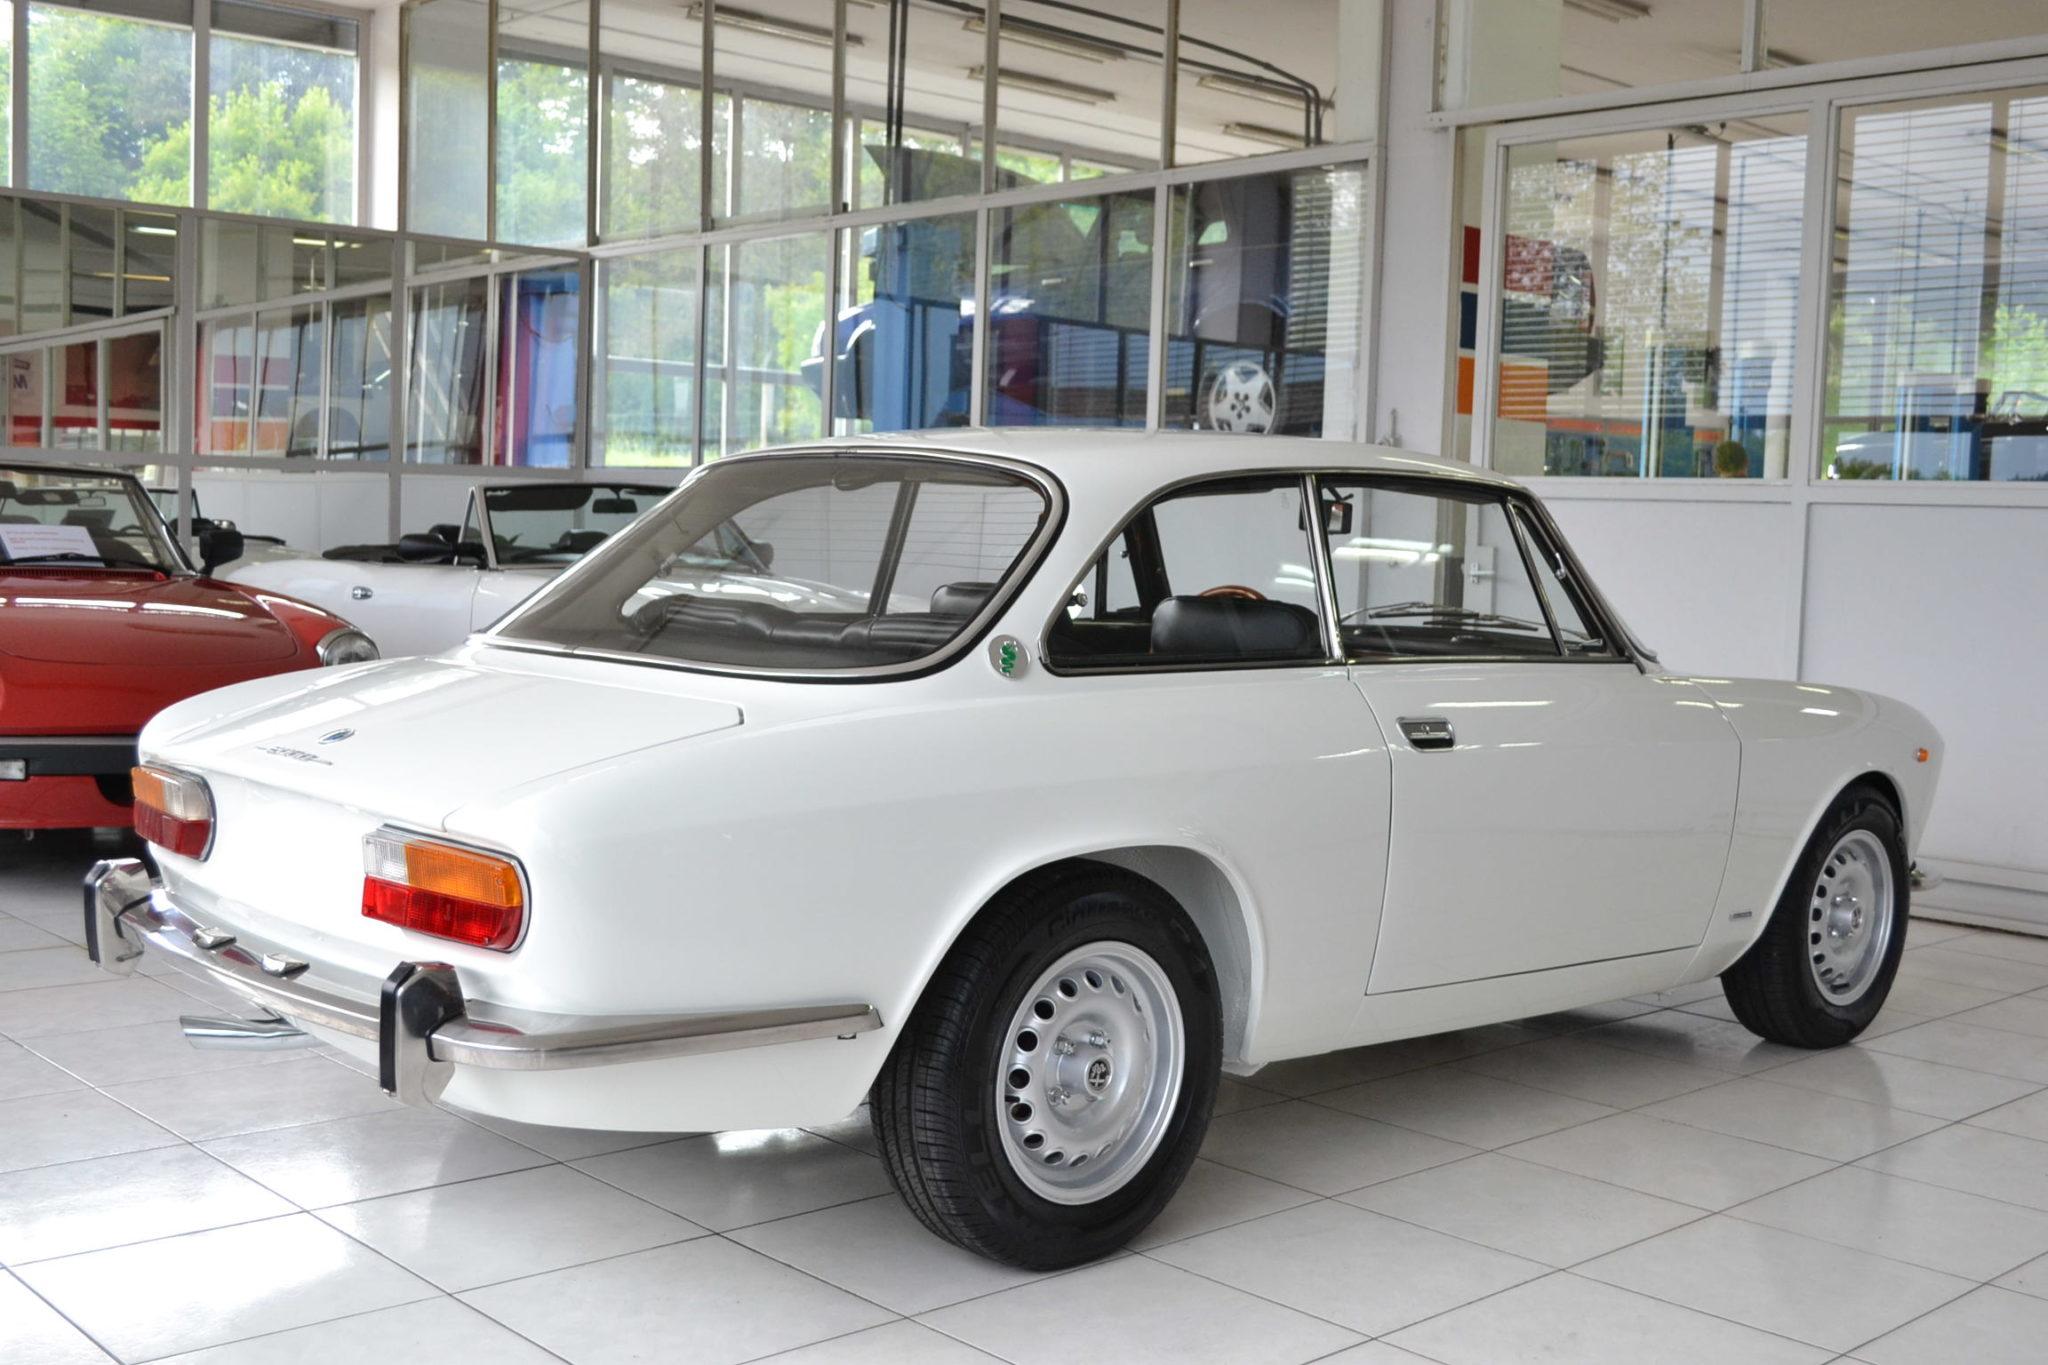 Alfa romeo gt 2000 veloce bianco spino garage vecchio for Garage alfa romeo 95